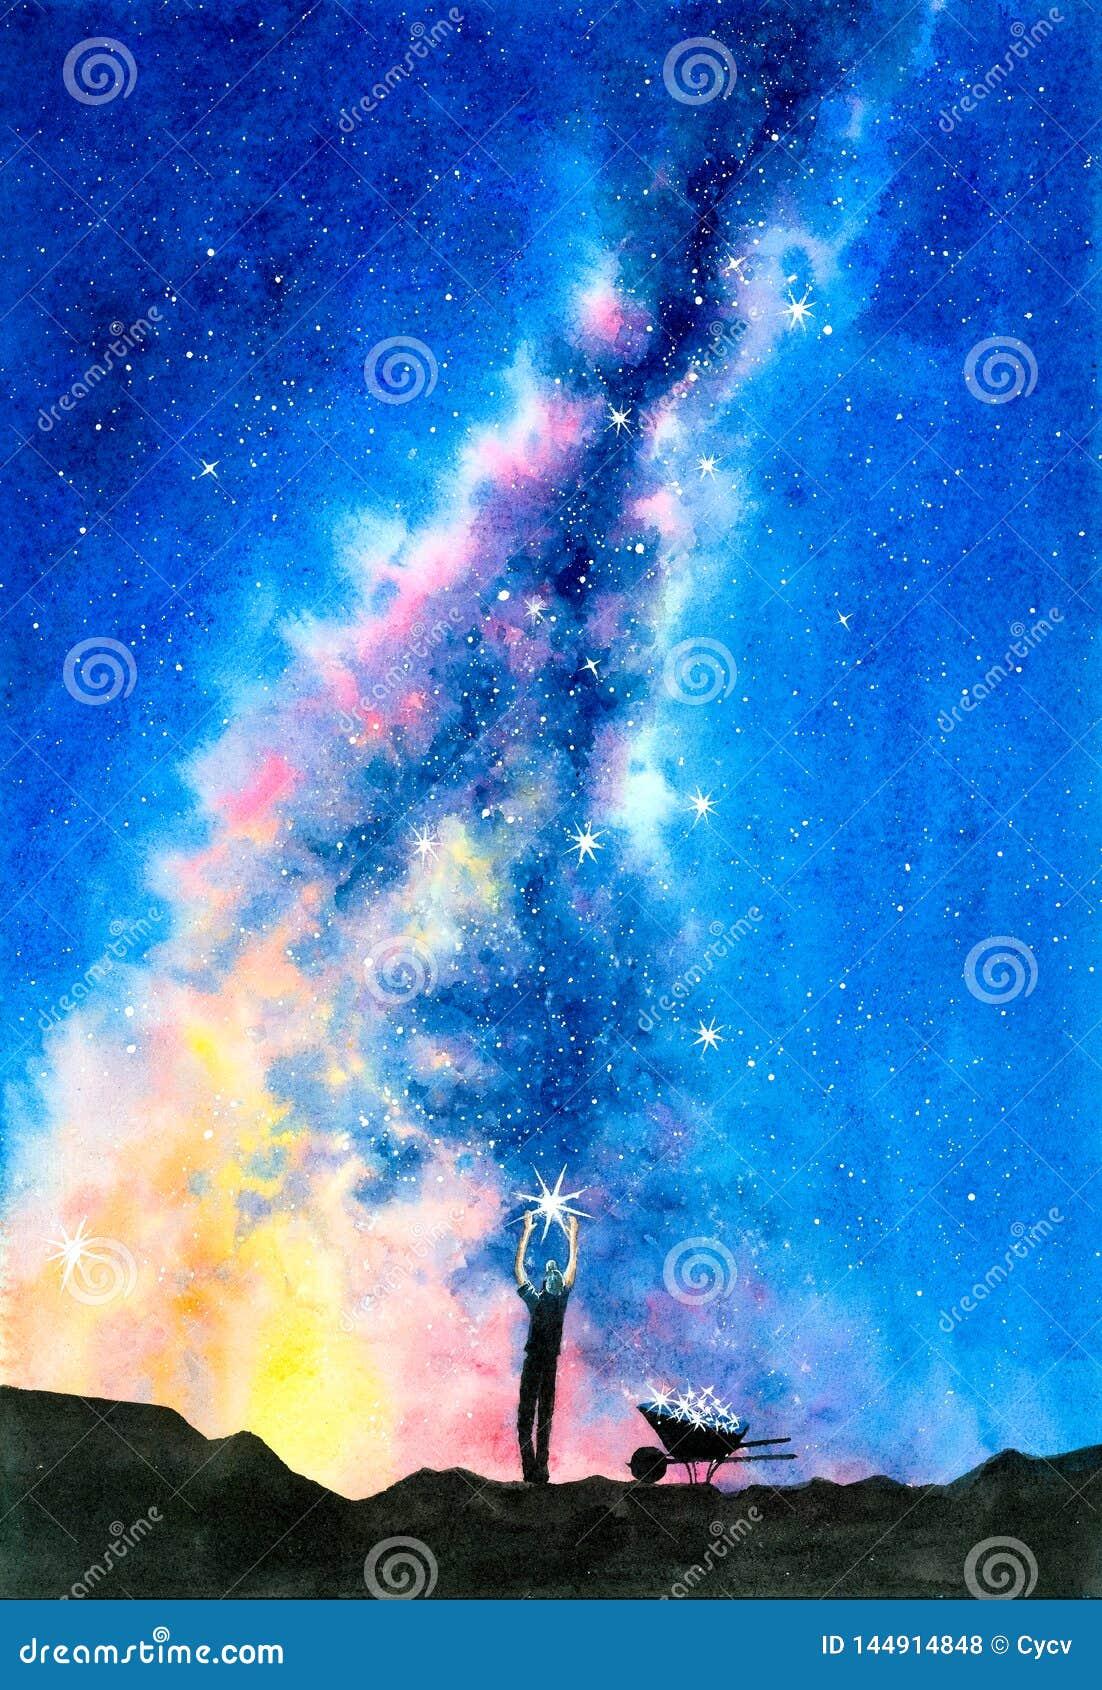 Aquarell-Malerei - sternenklare Nacht mit Galaxie